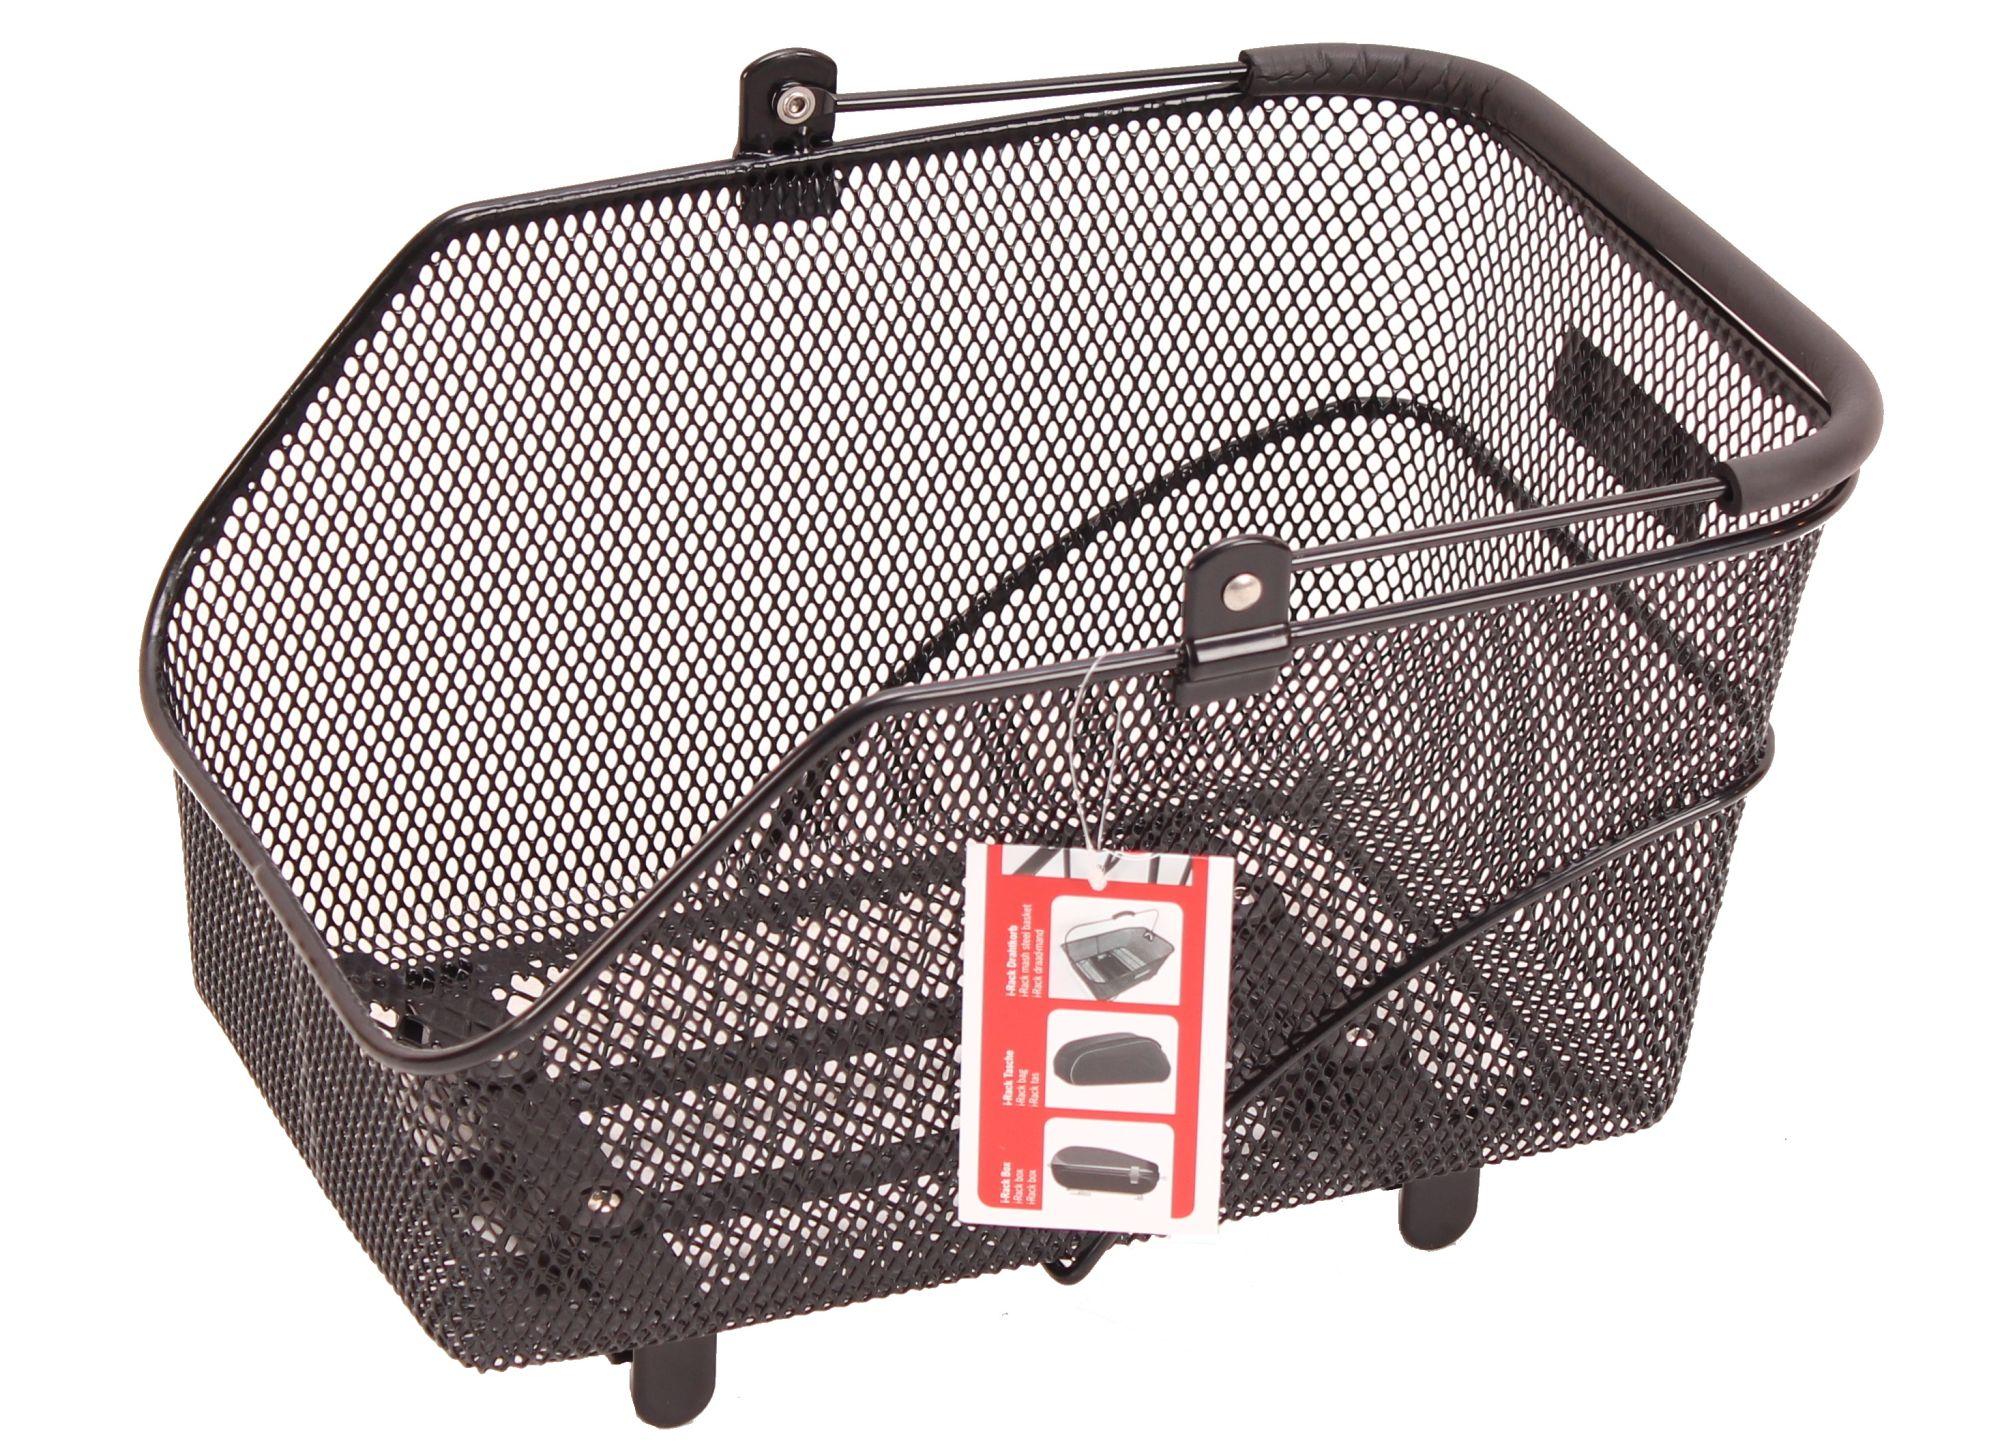 hinterradkörbe/Koffer & Körbe: Carrymore  i-Rack II Gepäckträgerkorb kleinschmal